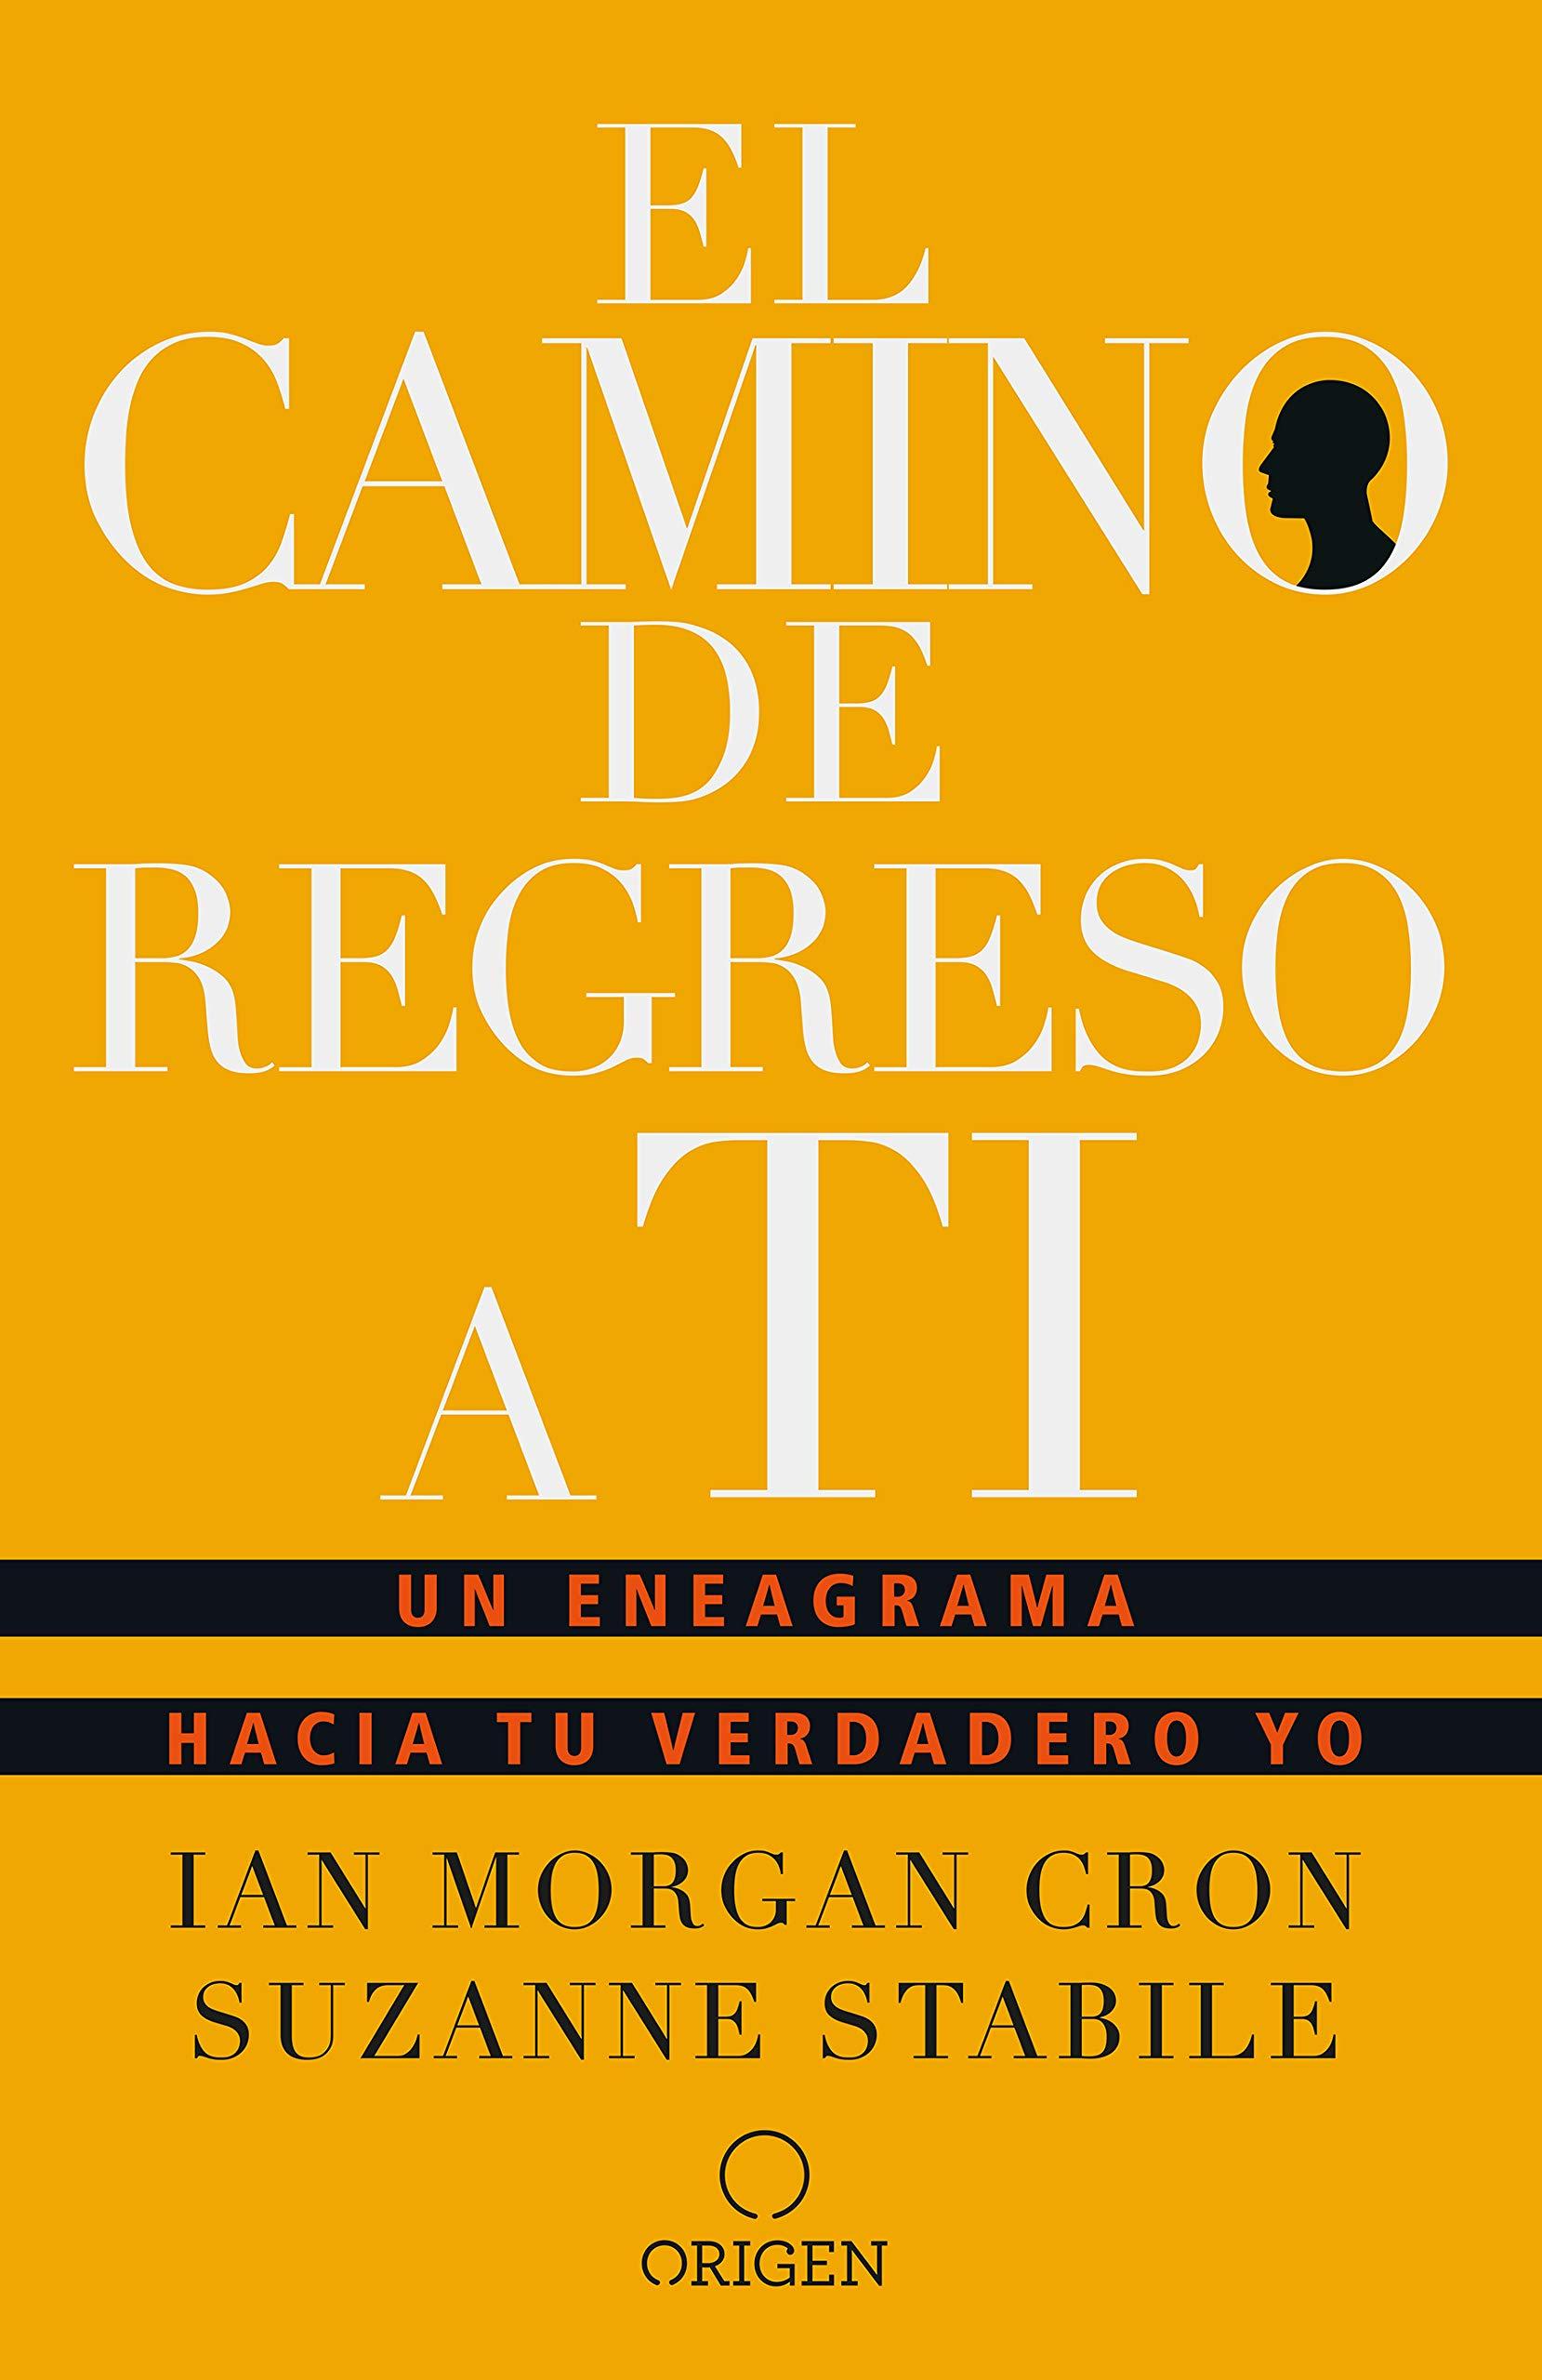 El camino de regreso a ti: Un eneagrama hacia tu verdadero yo / The Road Back to You (Spanish Edition)